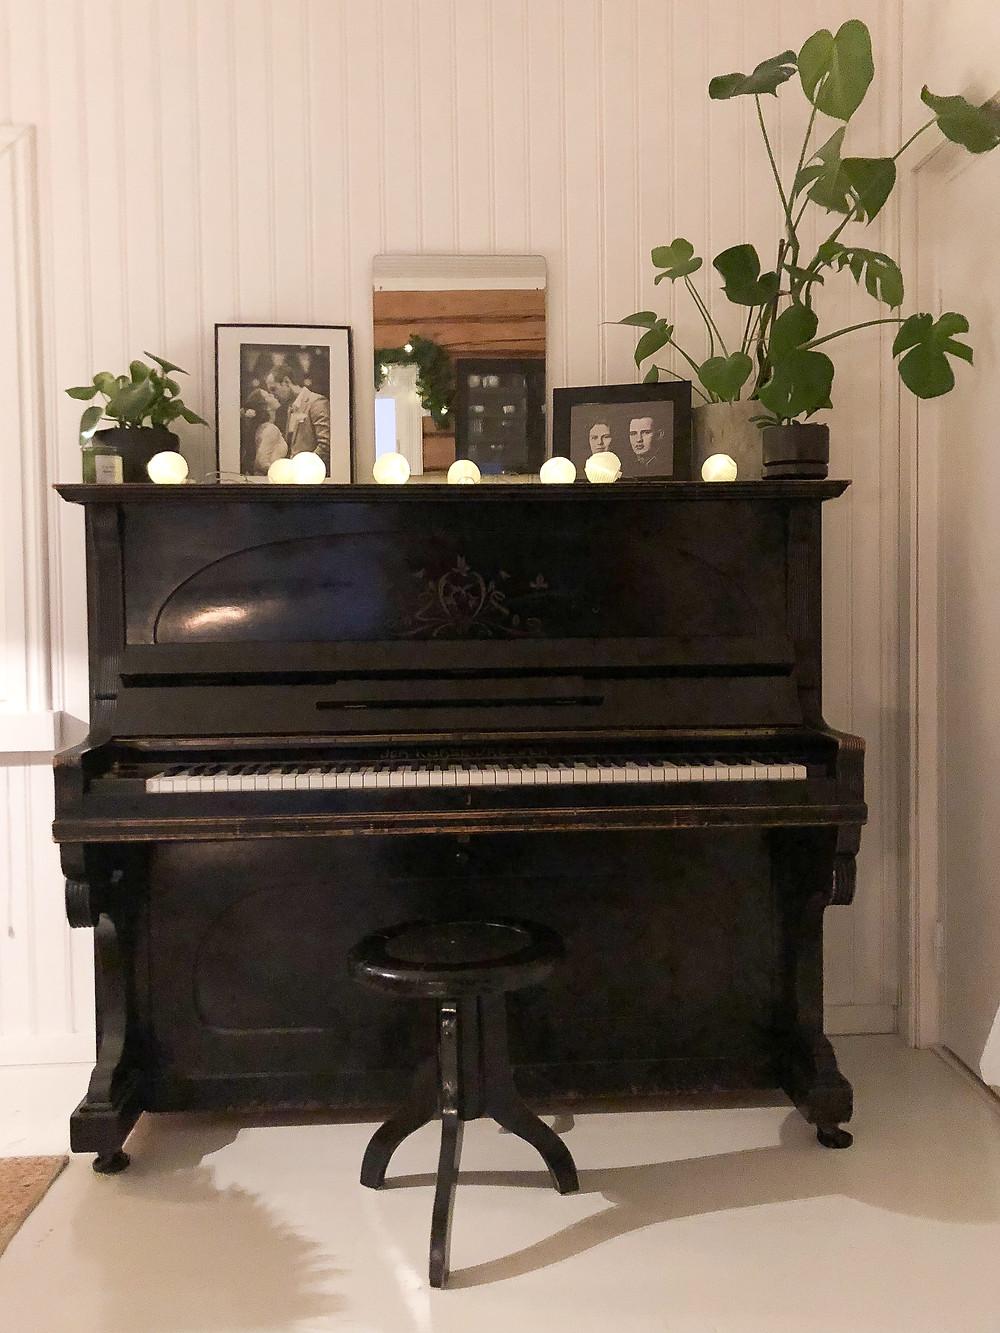 piano decor with plants, pianon sisustus ja koristelu kasveilla